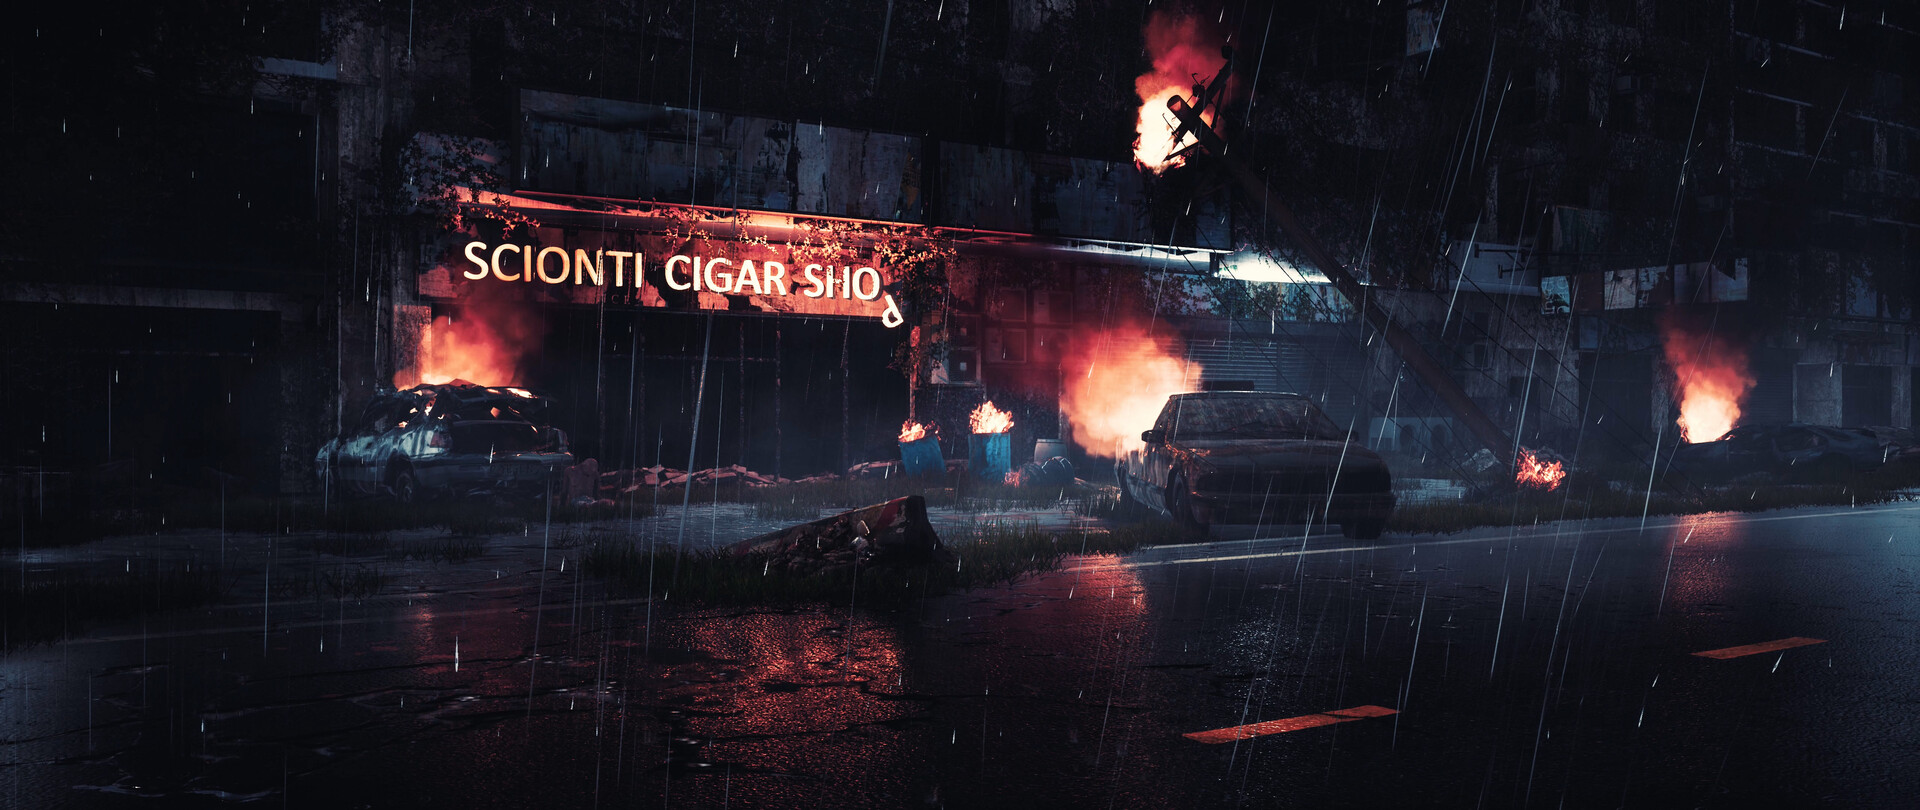 ArtStation - My Resident Evil horror environment render with